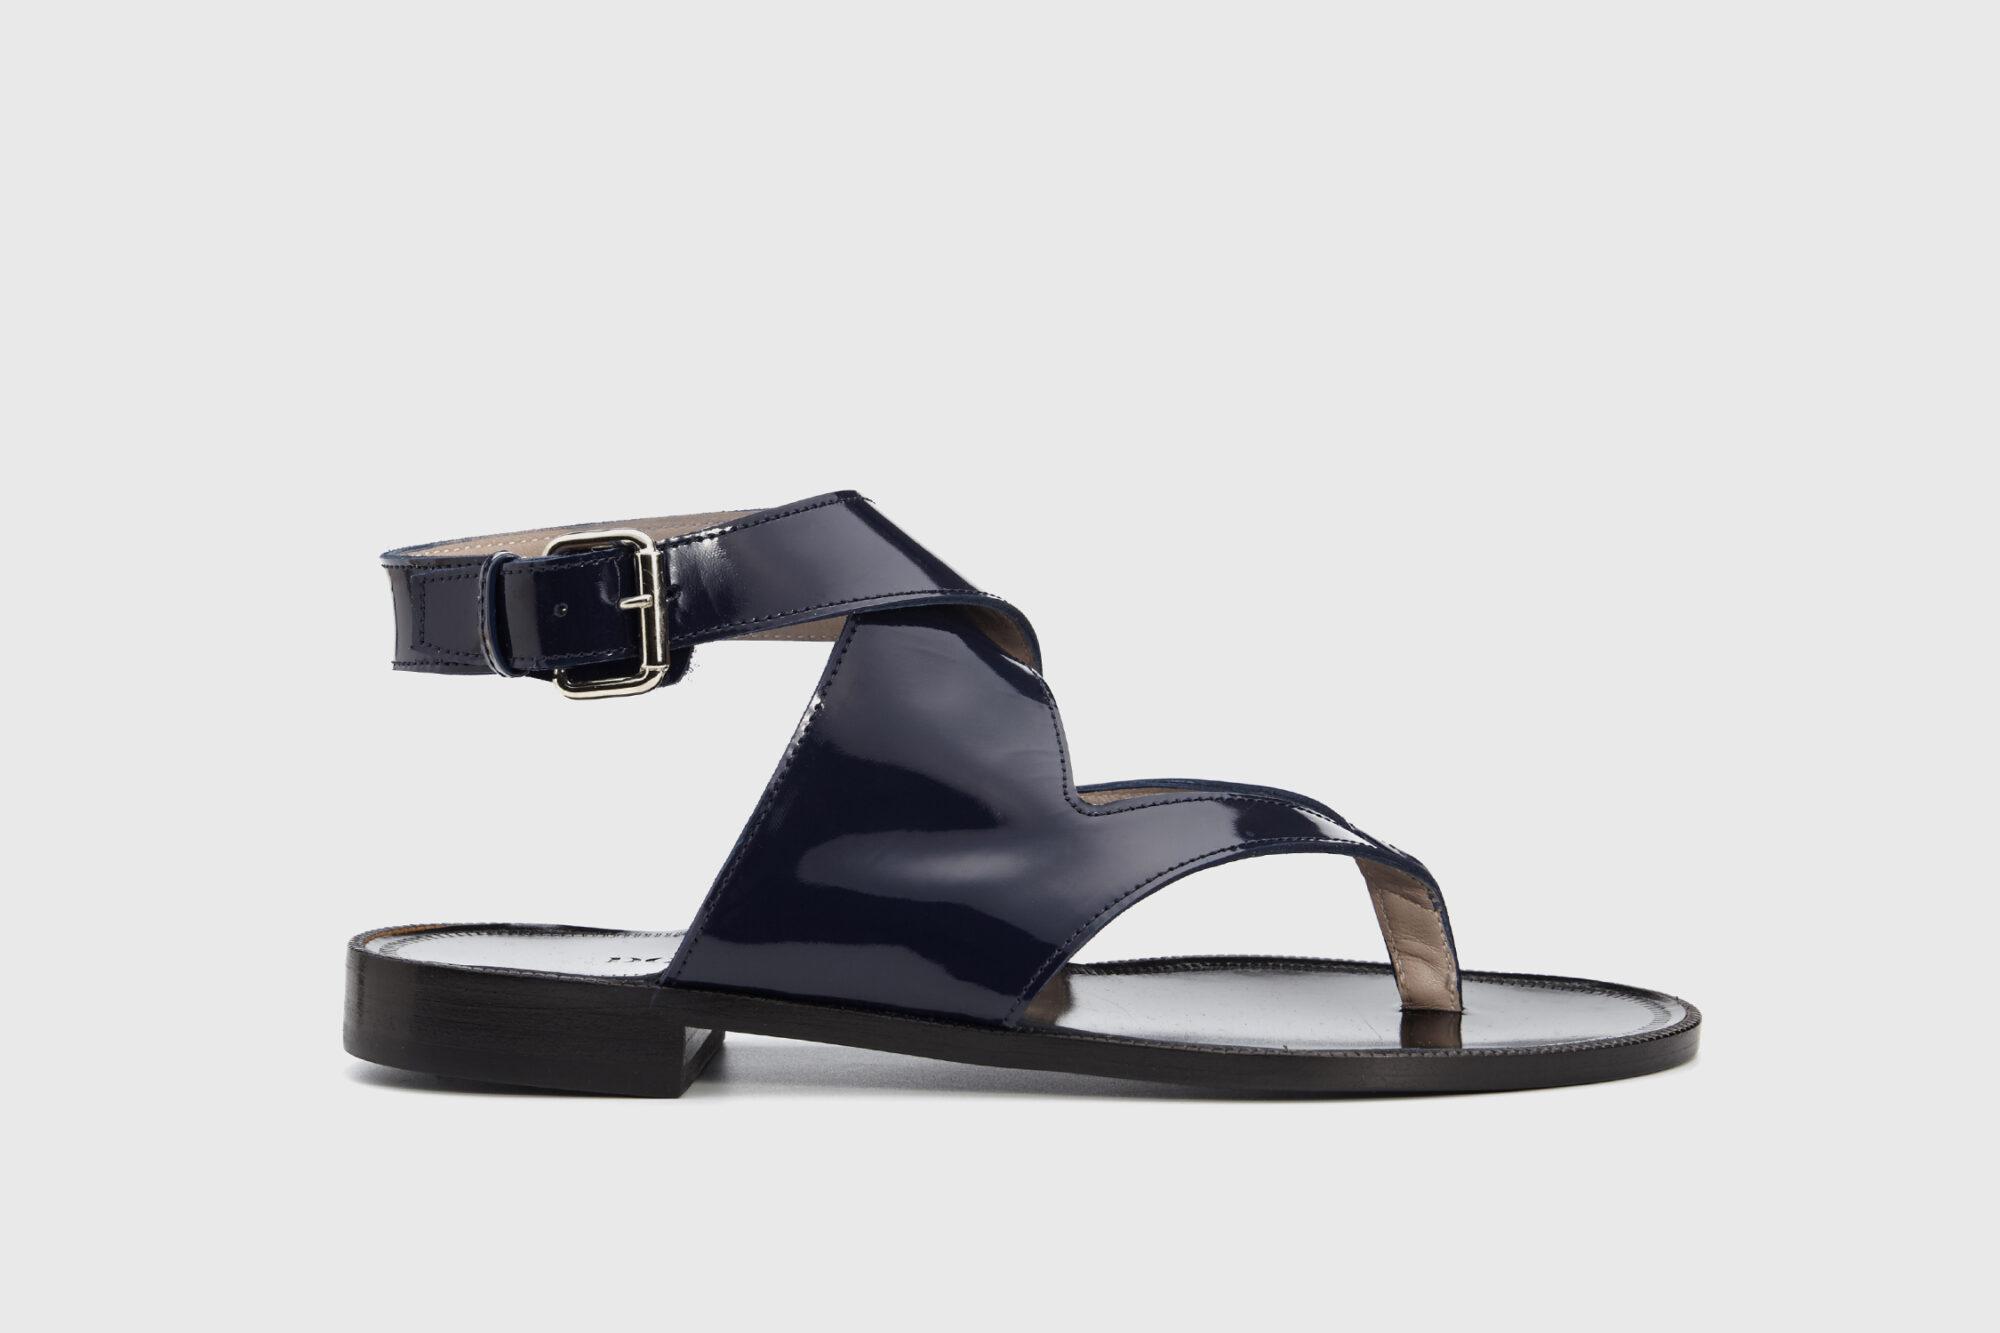 Dorotea sandalia plana Martina azul marino ss18 perfil